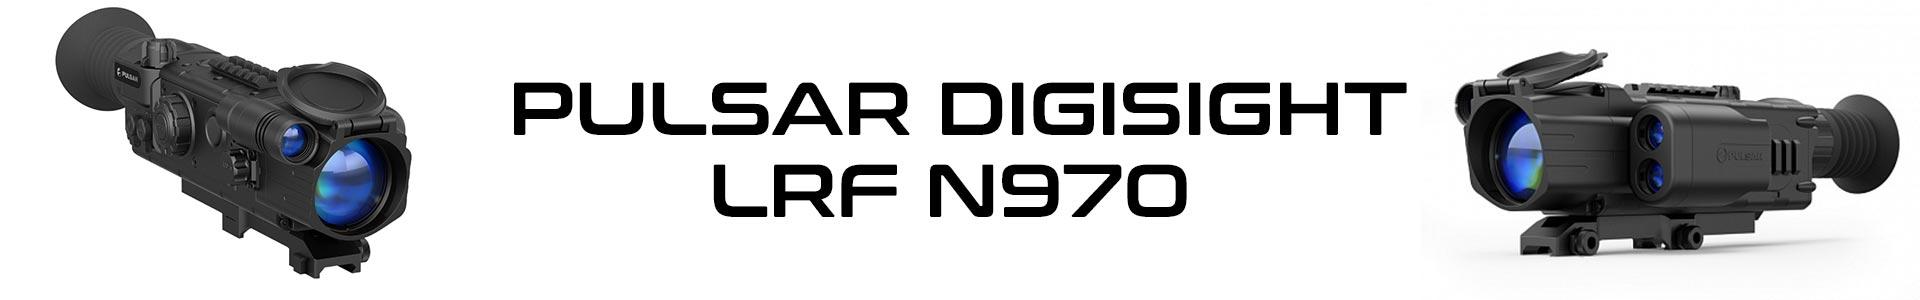 Купить pulsar n970 lrf с дальномером